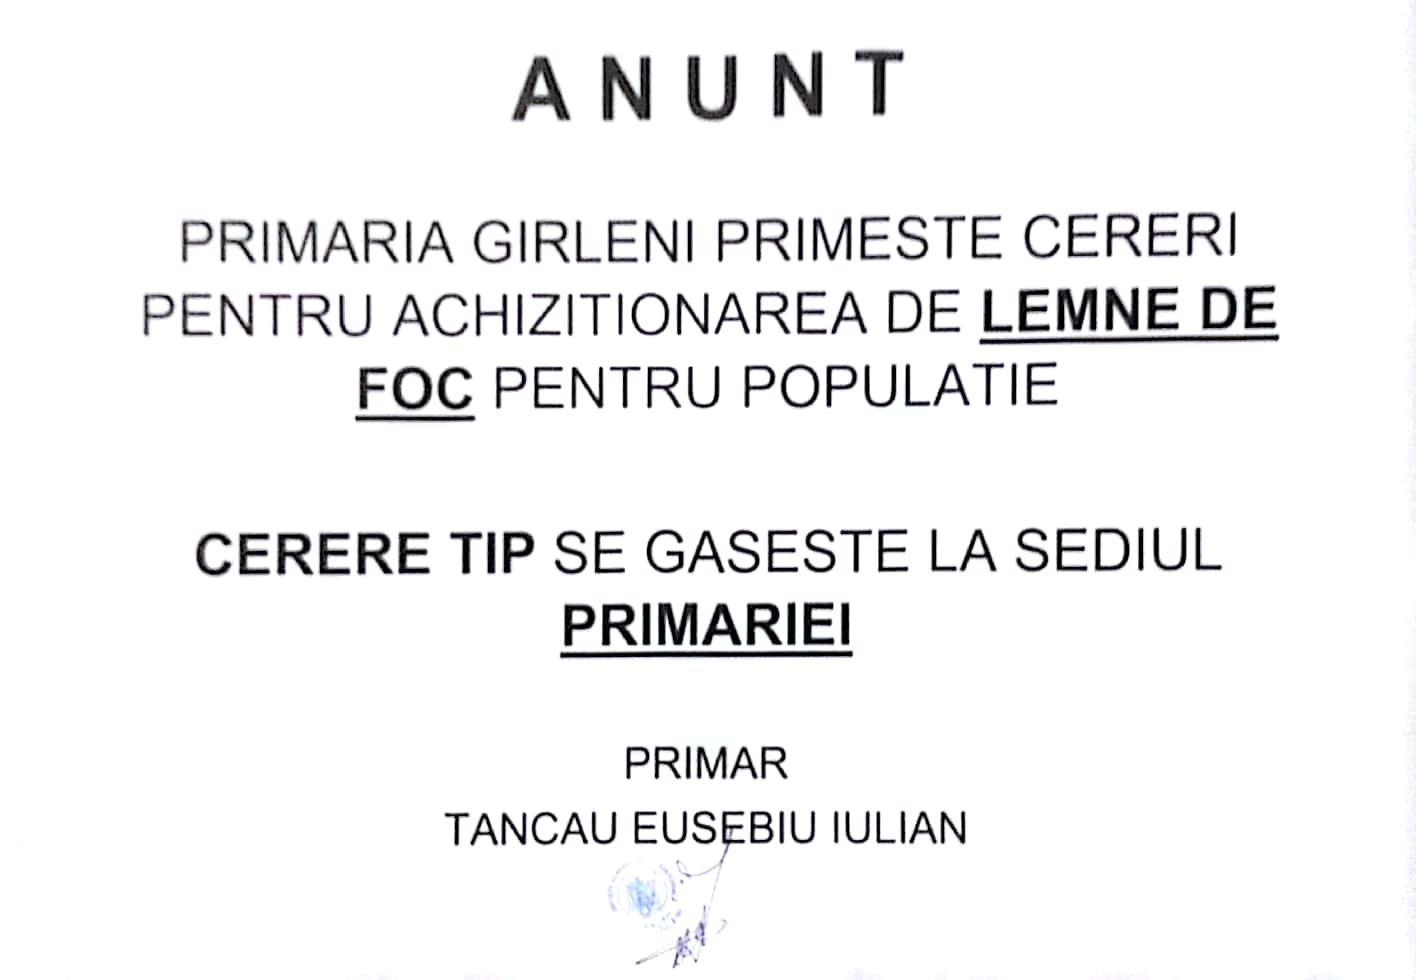 Anunt Lemne 31-08-2017 Garleni